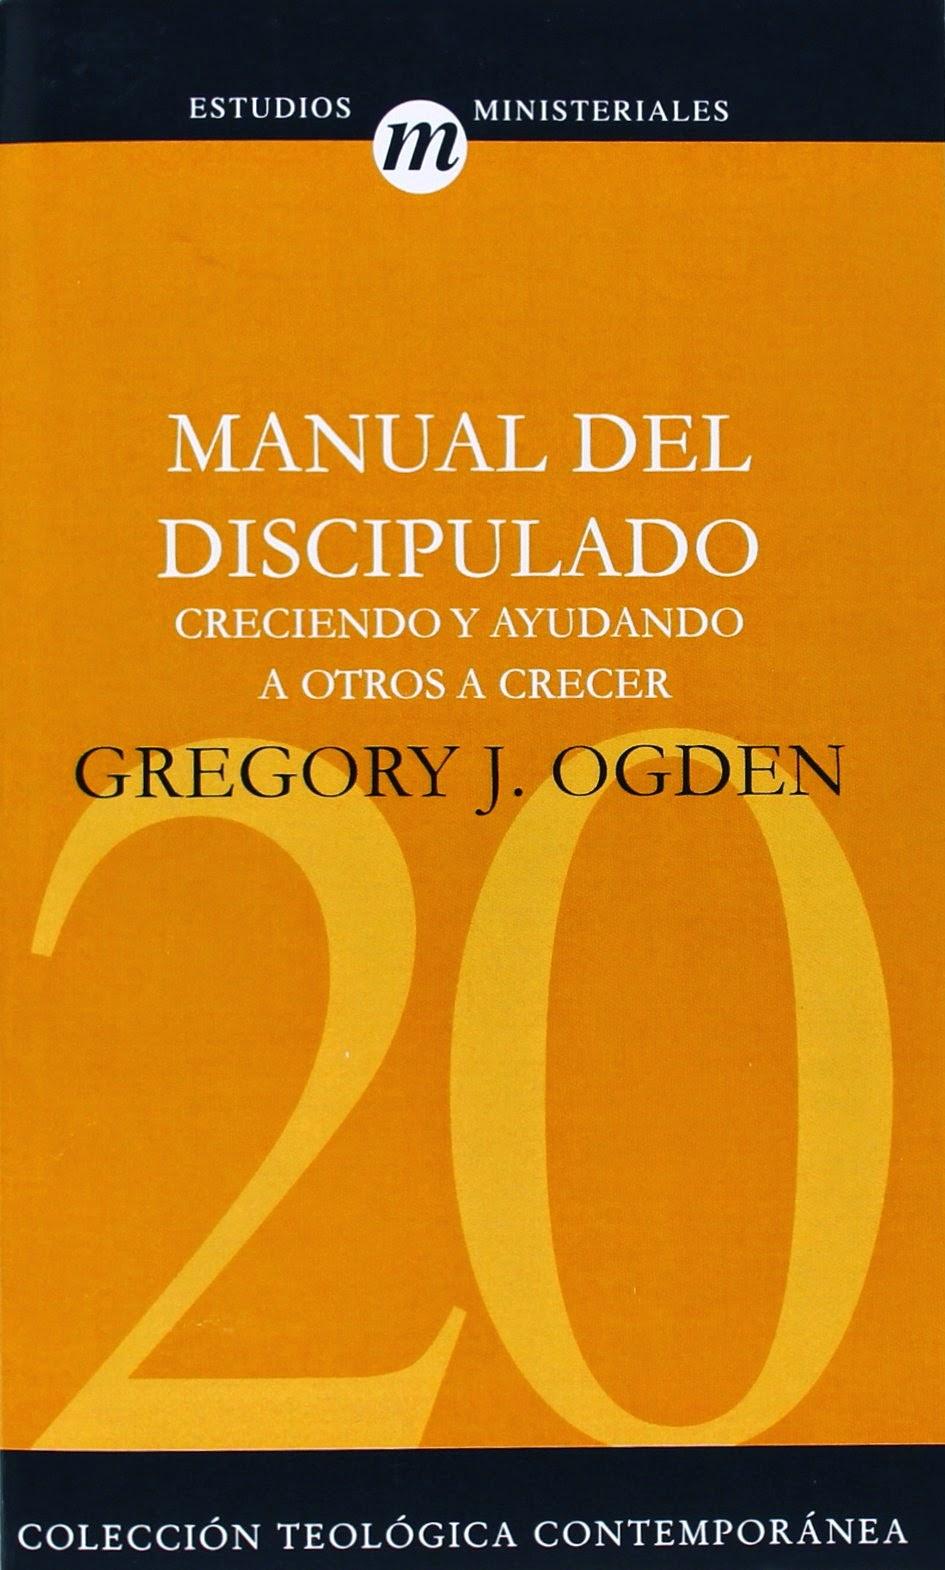 Gregory J. Ogden-Manual Del Discipulado-